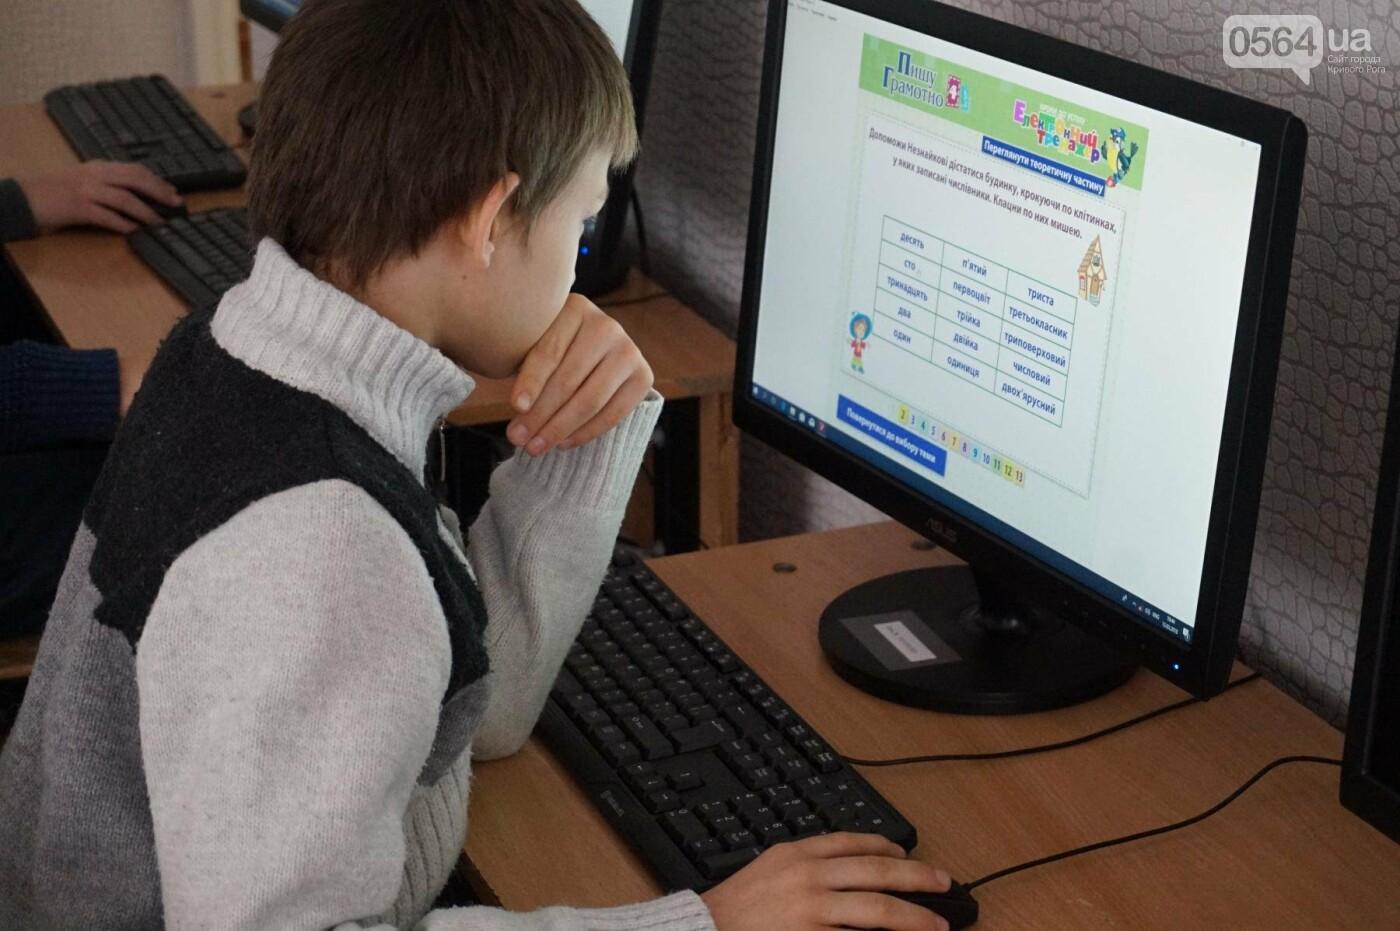 Приближаясь к Европе: Как в школах Кривого Рога внедряют инклюзию (ФОТО), фото-34